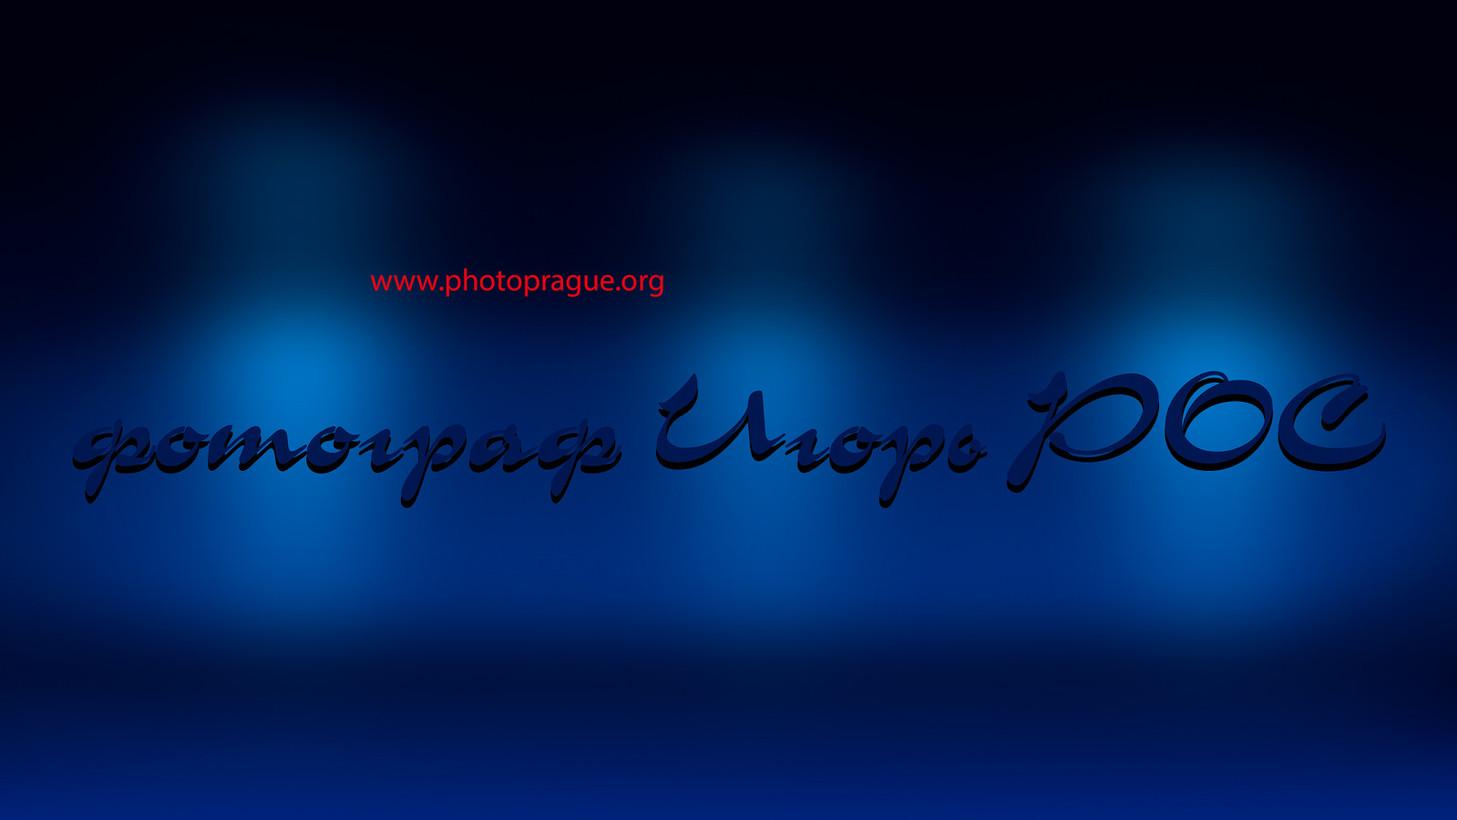 страница сайта, услуги фотографа в Новосибирске